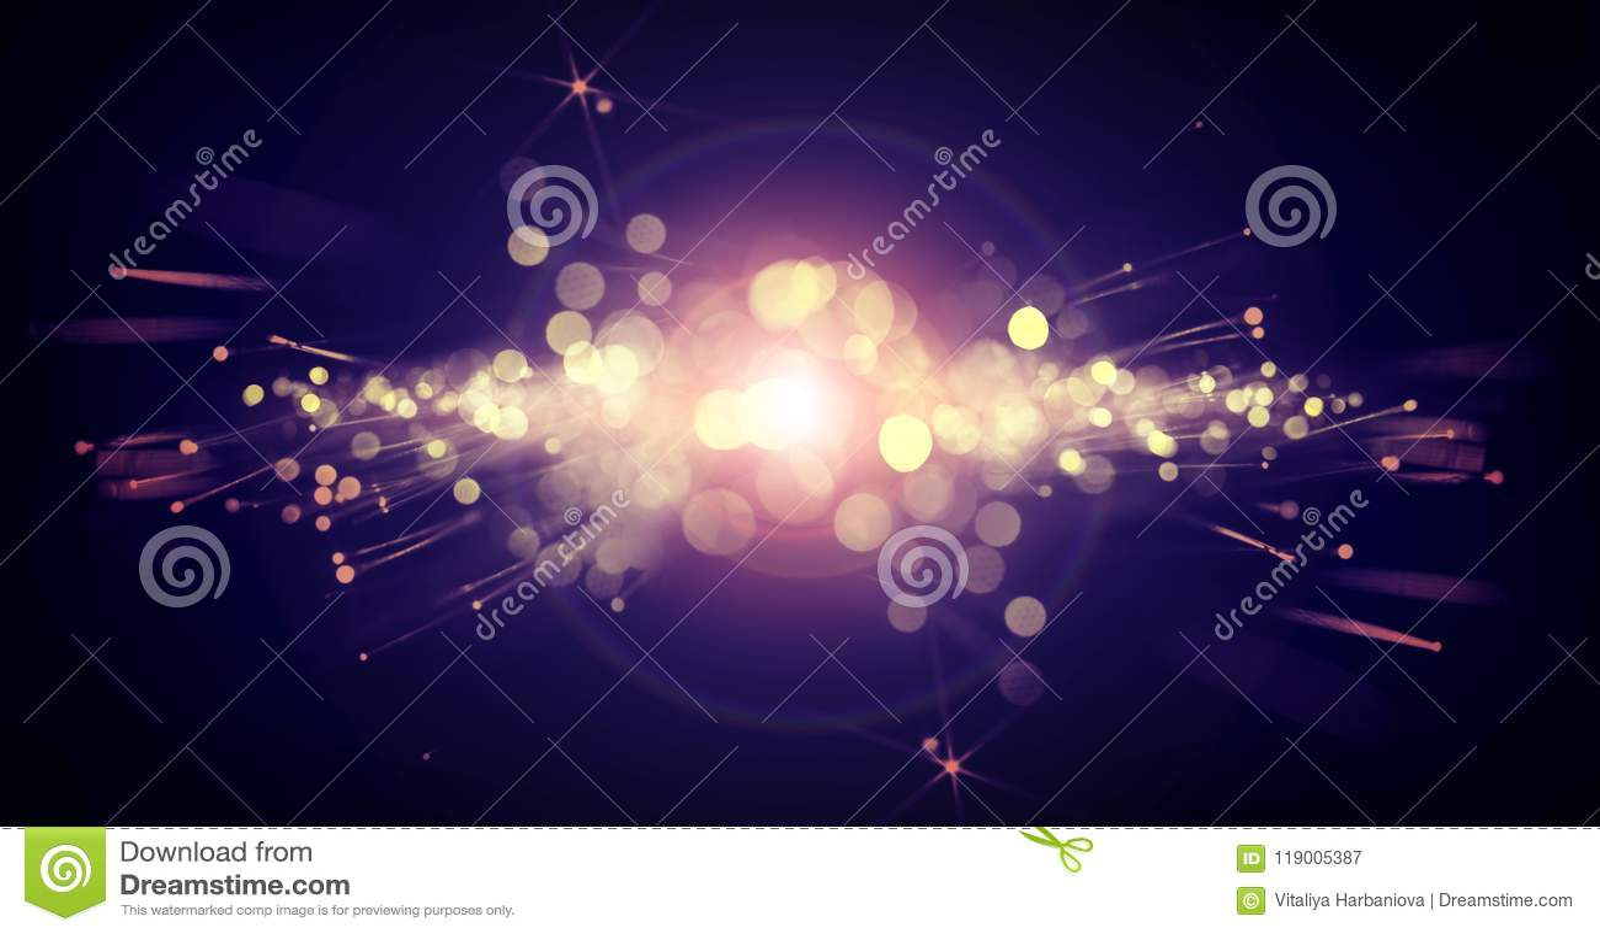 Fondo oscuro del bokeh con un flash brillante de la luz, efecto luminoso